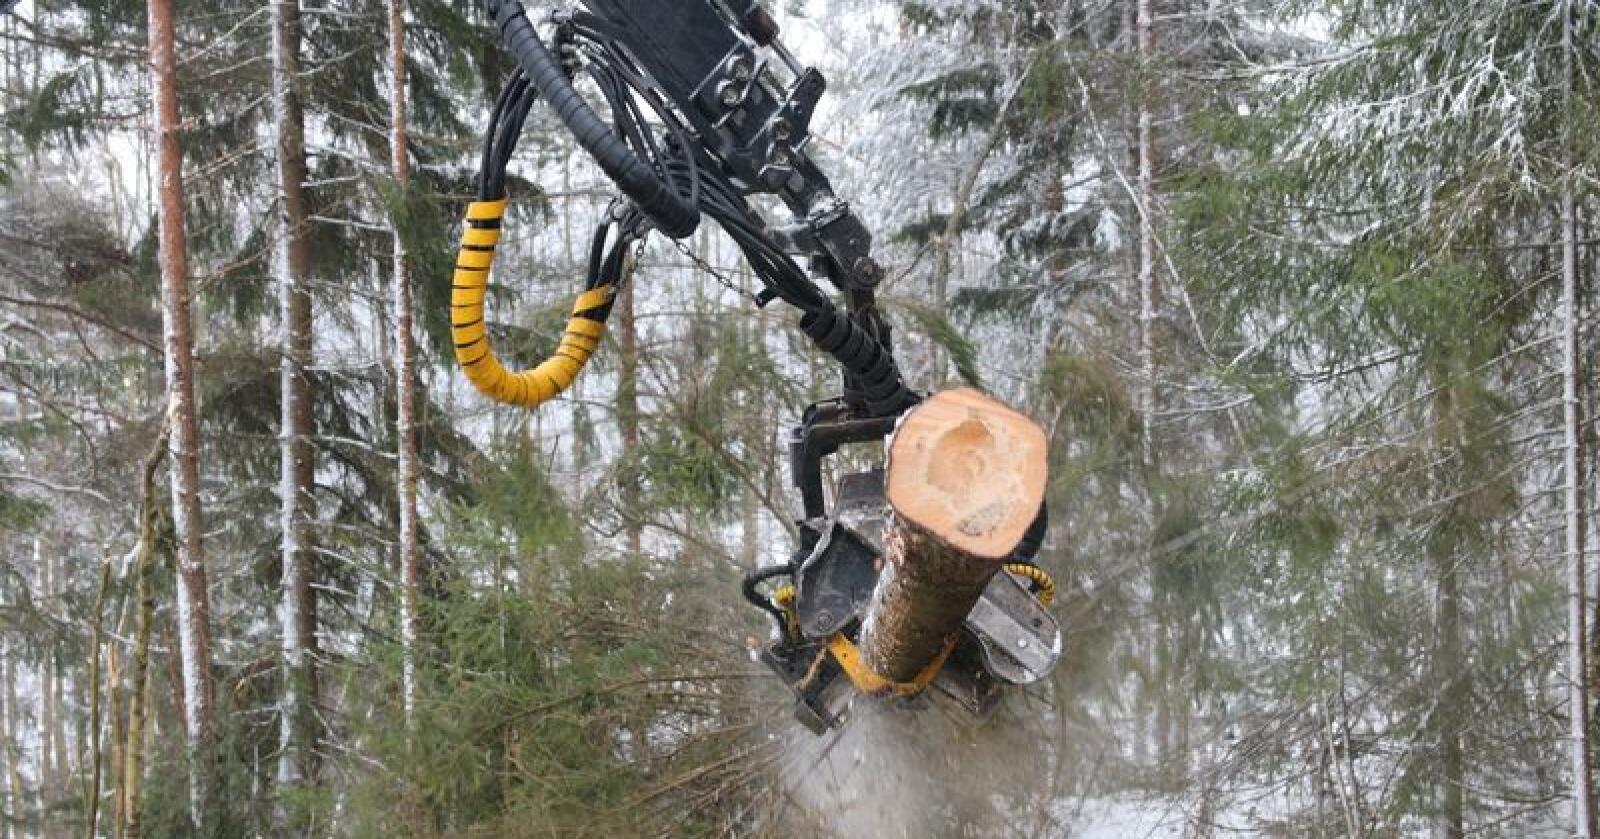 Skogindustri: – Når våre naboland gir så betydelige statsgarantier, må Norge gjøre det samme om vi skal ha noen sjanse til å konkurrere, sier skogeier og landbrukspolitisk talsperson i MDG, Harald Moskvil. (Foto: Dag Idar Jøsang)